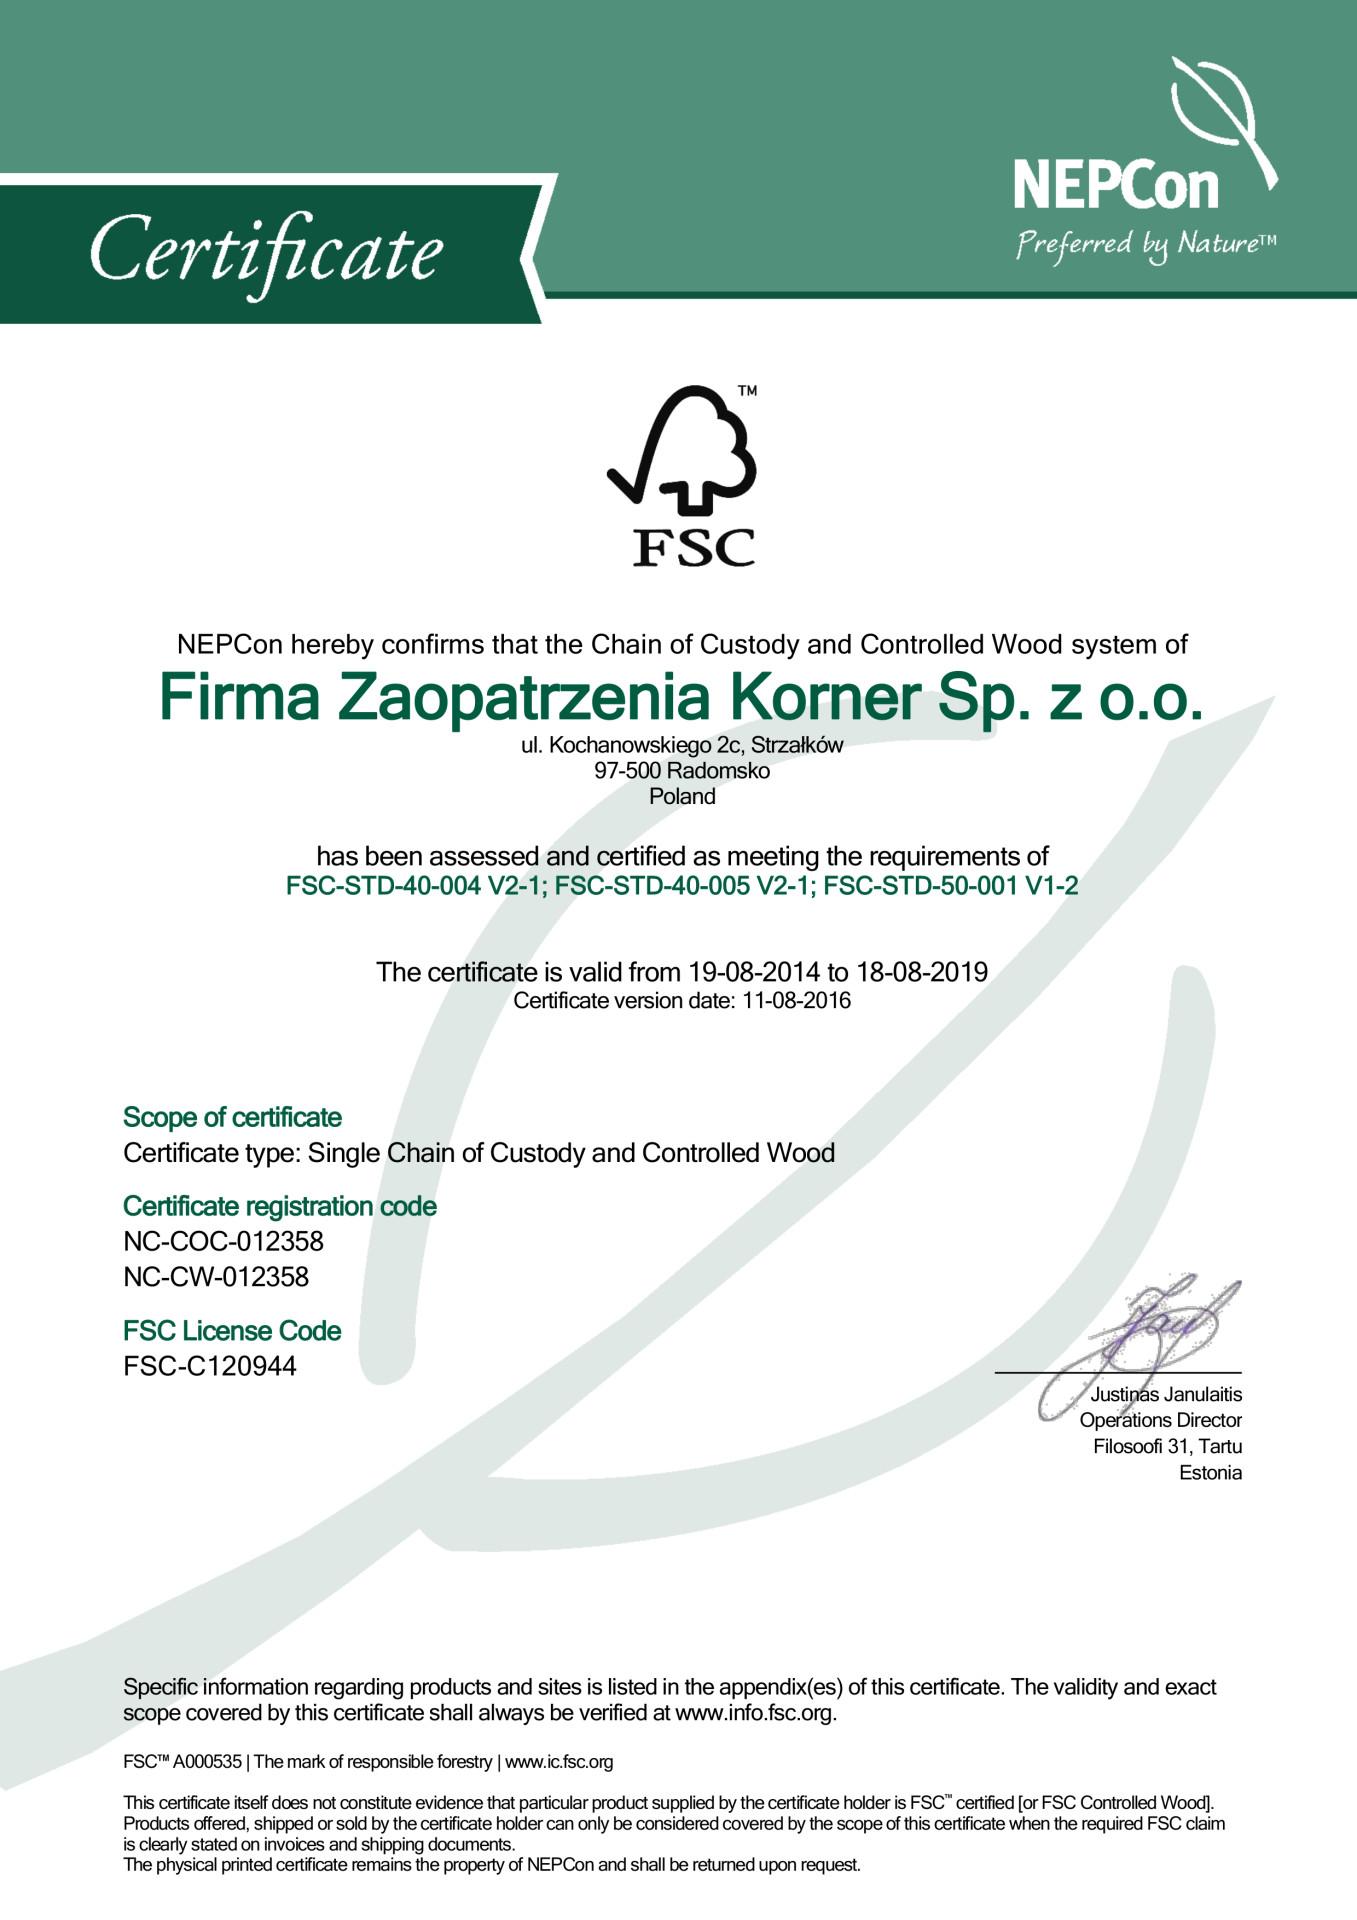 Firma Zaopatrzenia Korner Sp. z o.o. FSC COC w_CW Certificate 11.8.2016-1